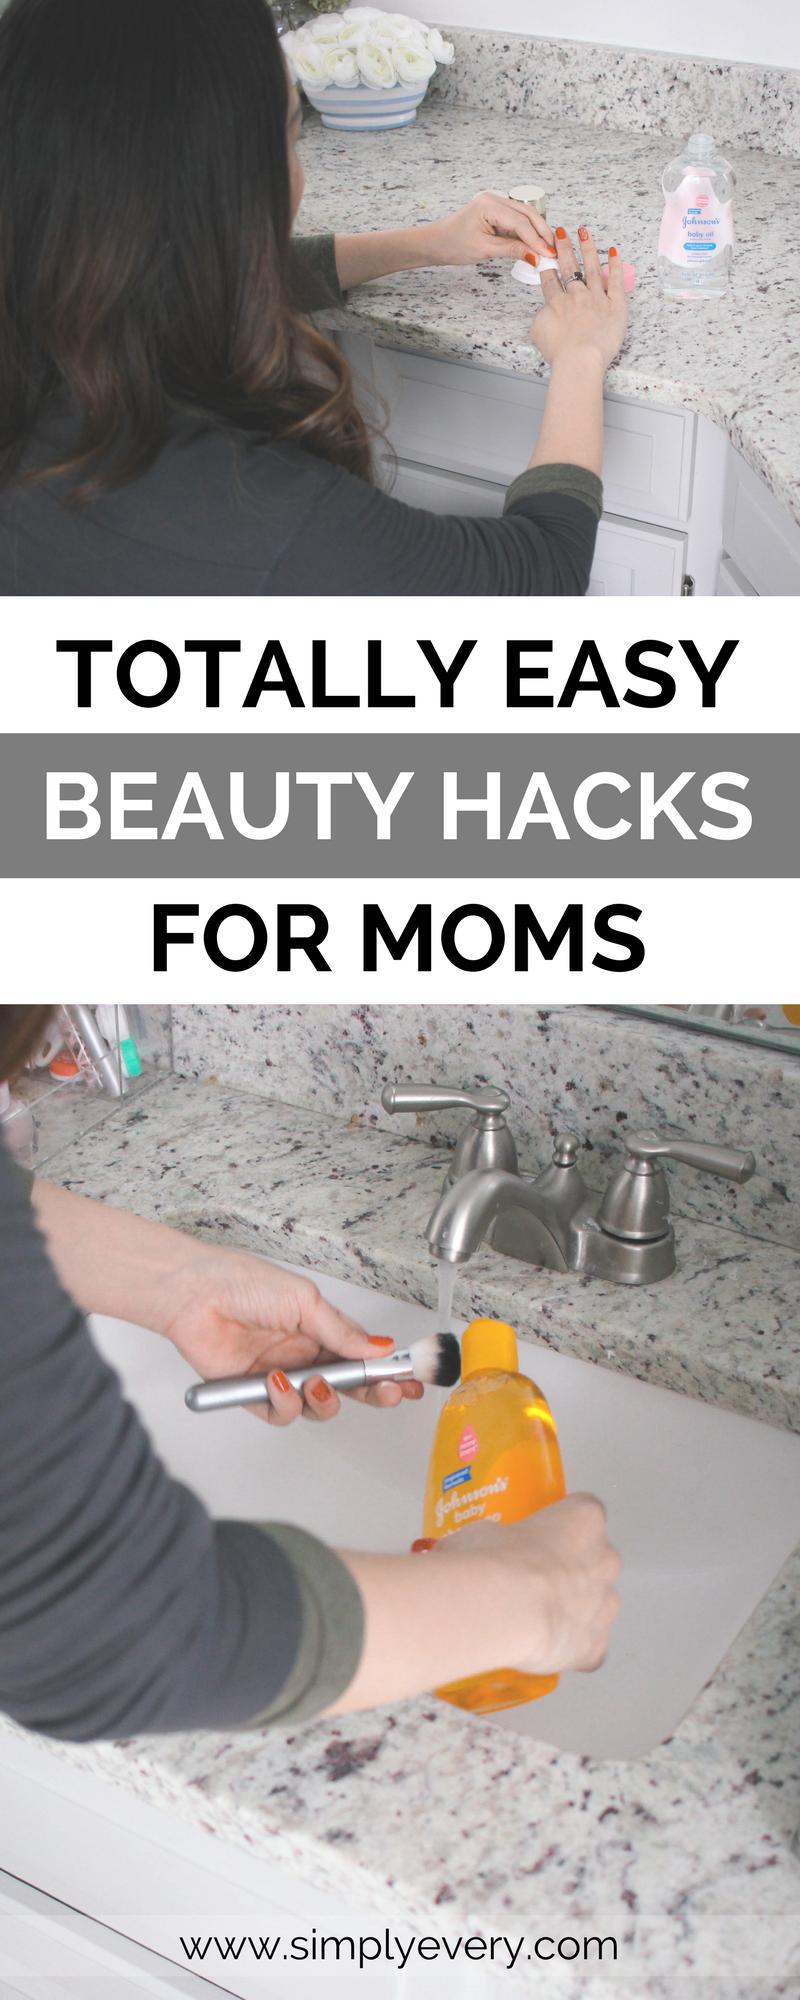 Totally Easy Beauty Hacks for Moms